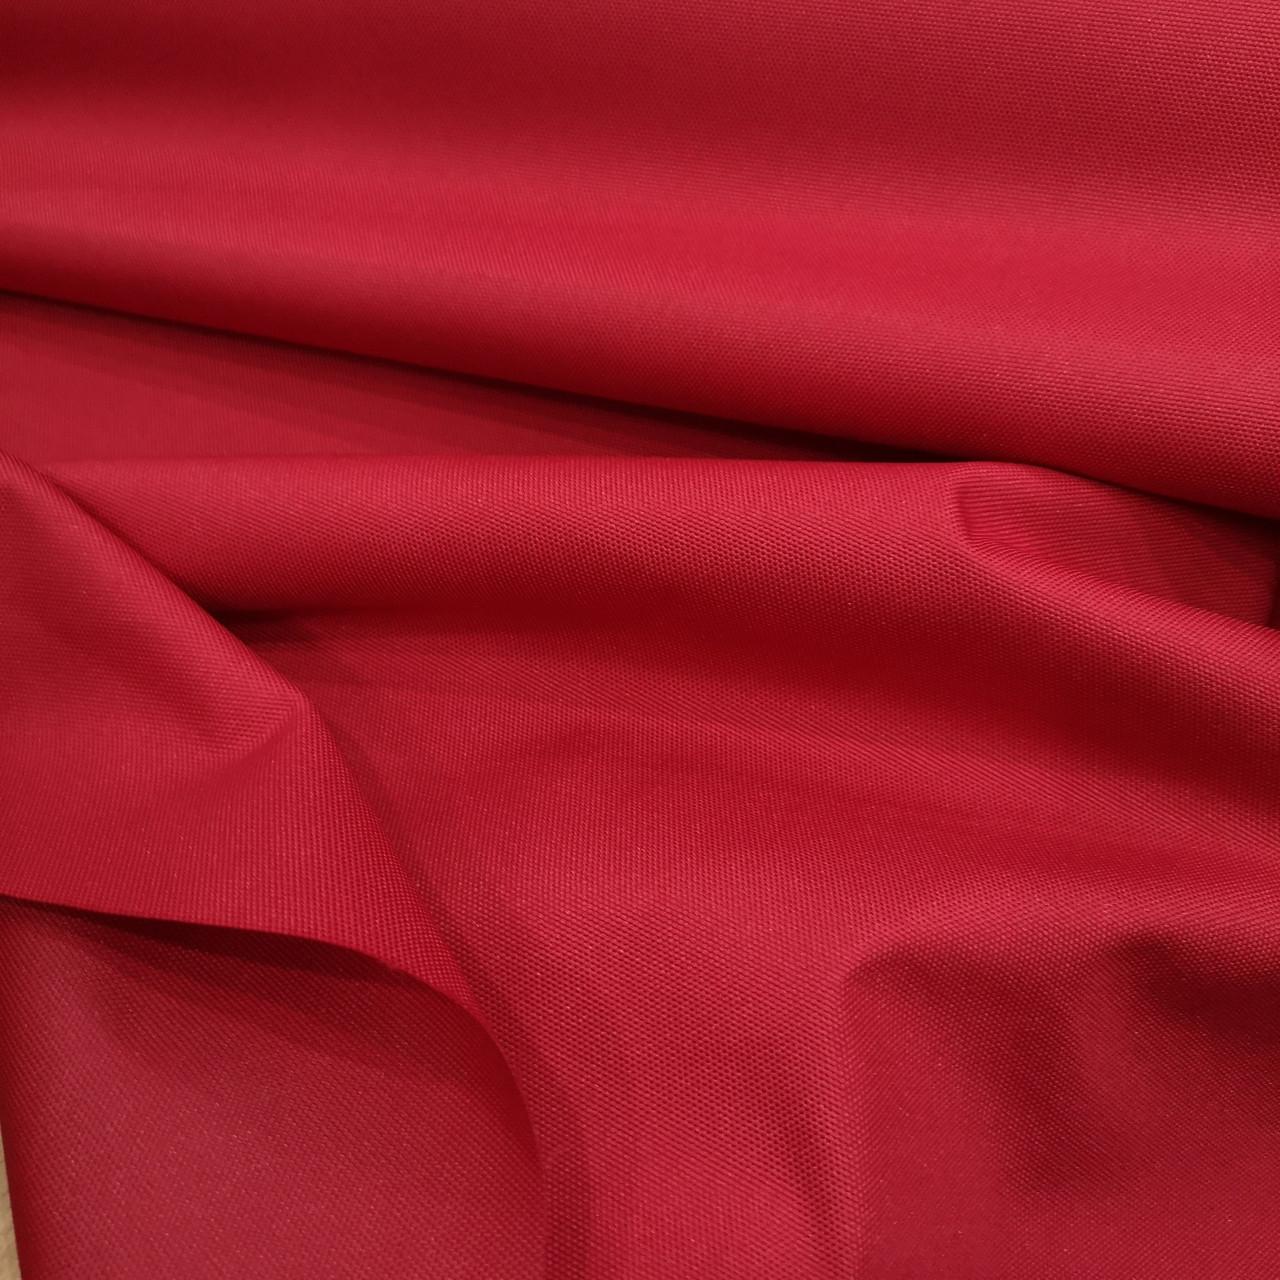 Ткань оксфорд 600d PU (полиуретан) красный